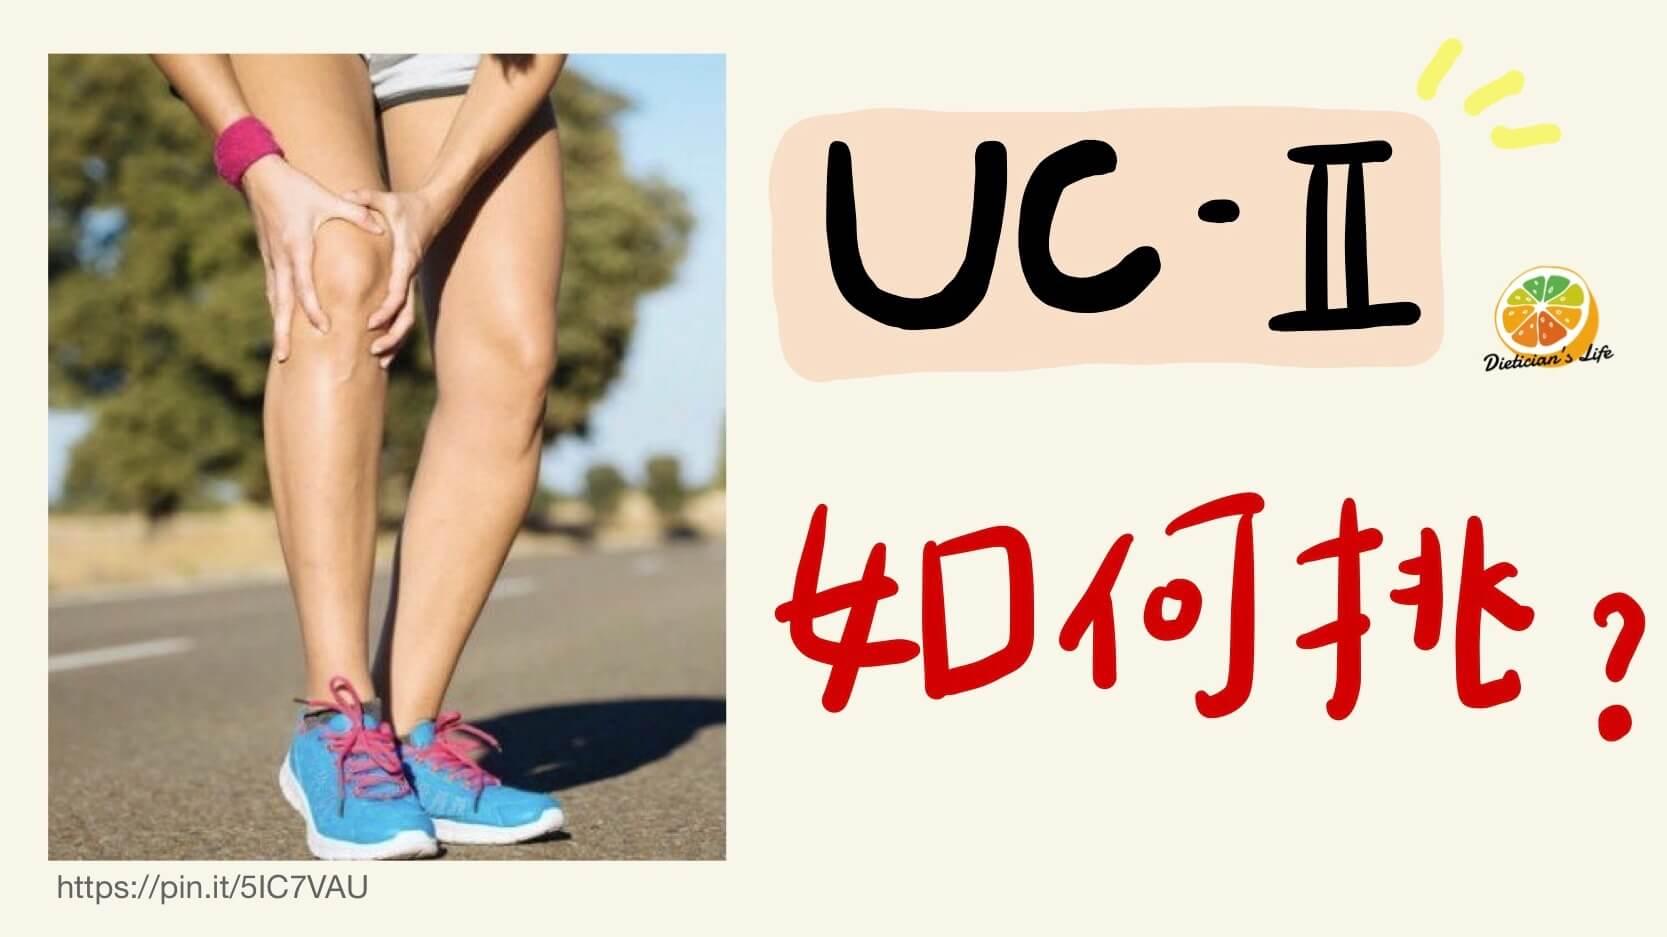 保養關節的救星「UC-II」如何補充?最推薦的品牌?